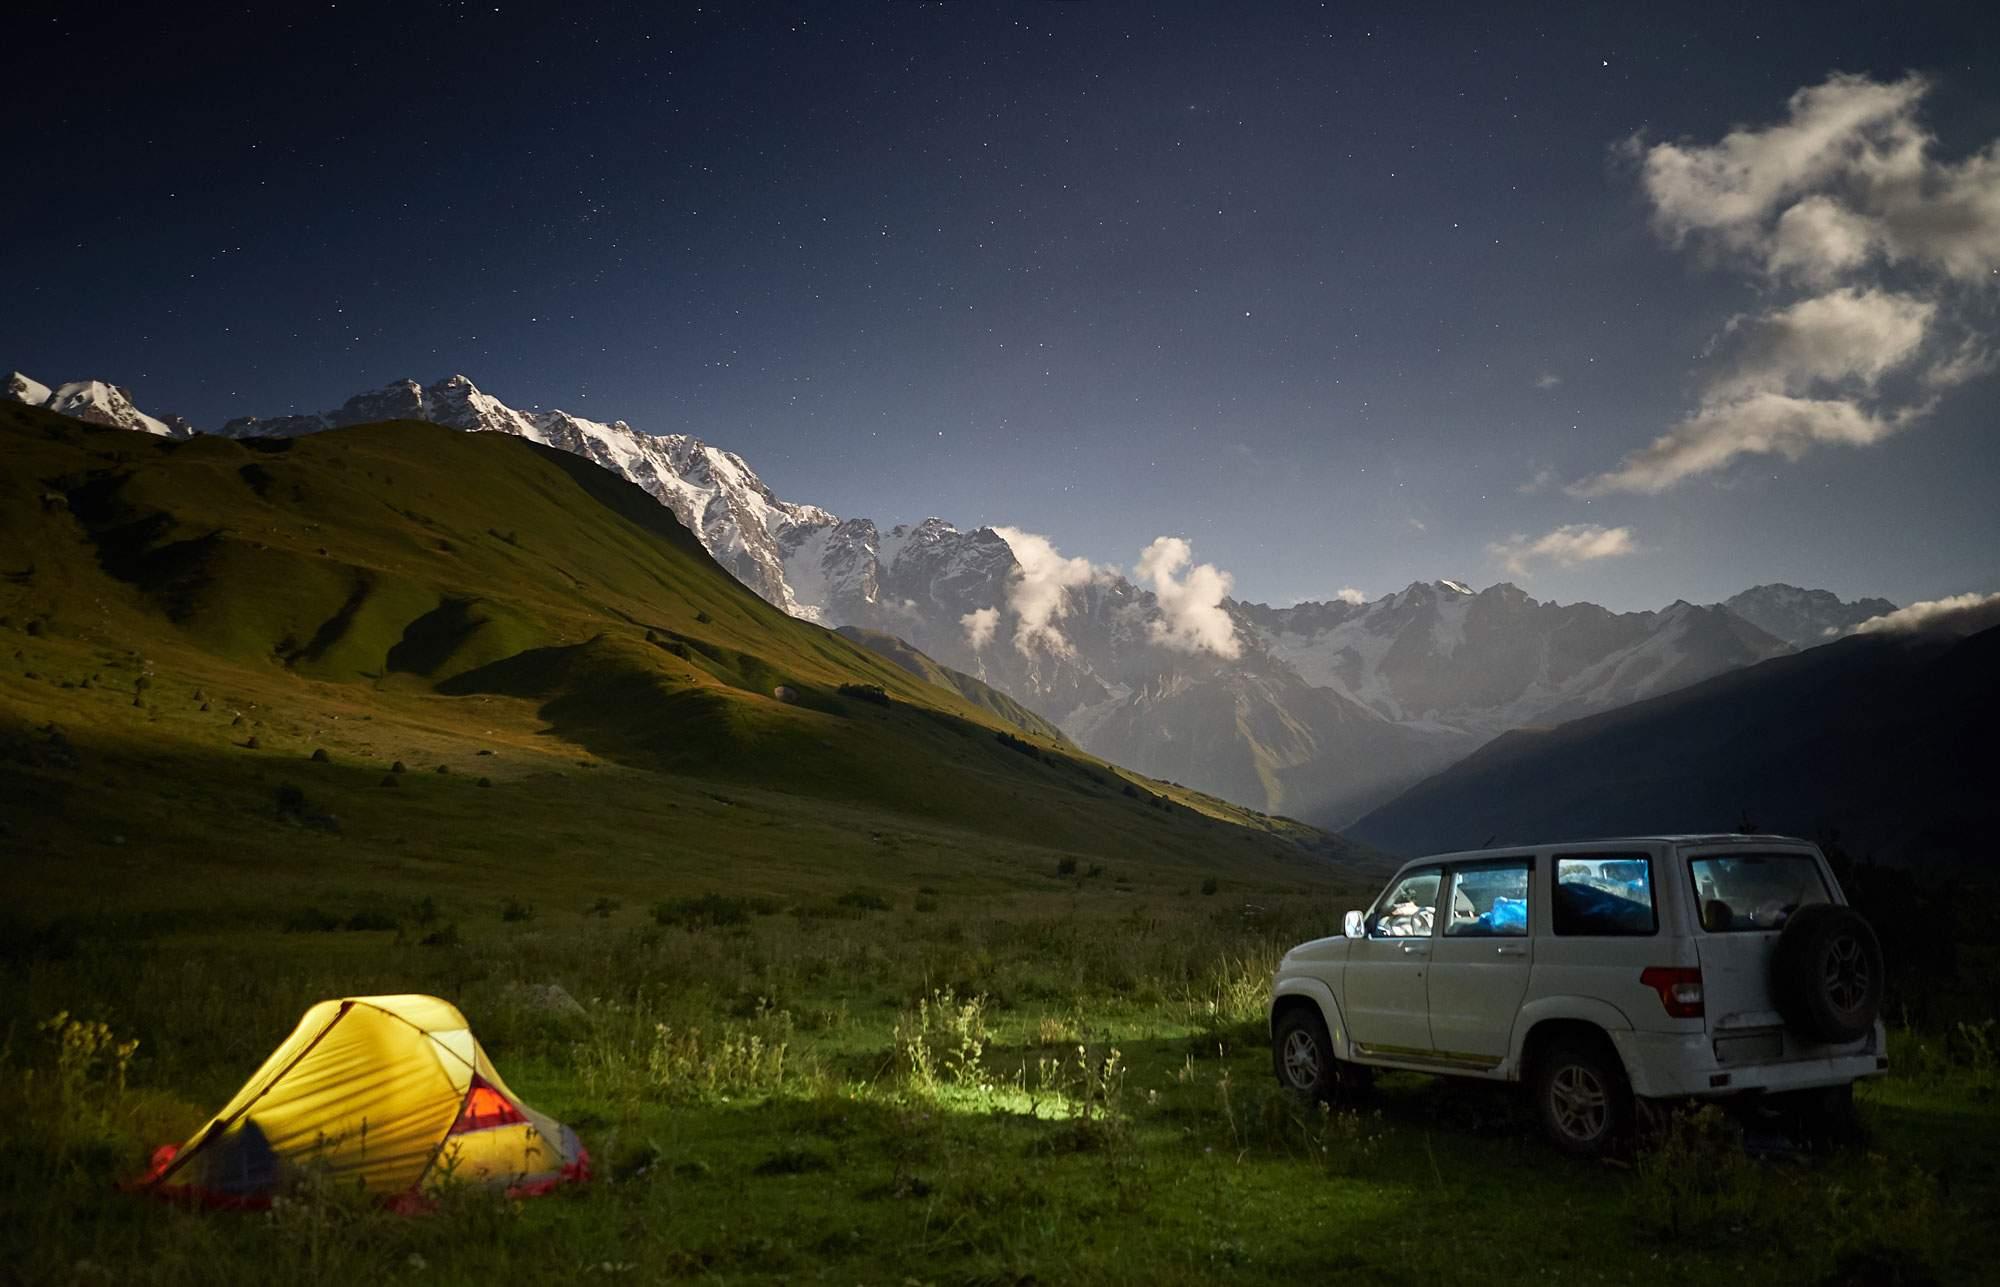 car-camping-road-trip